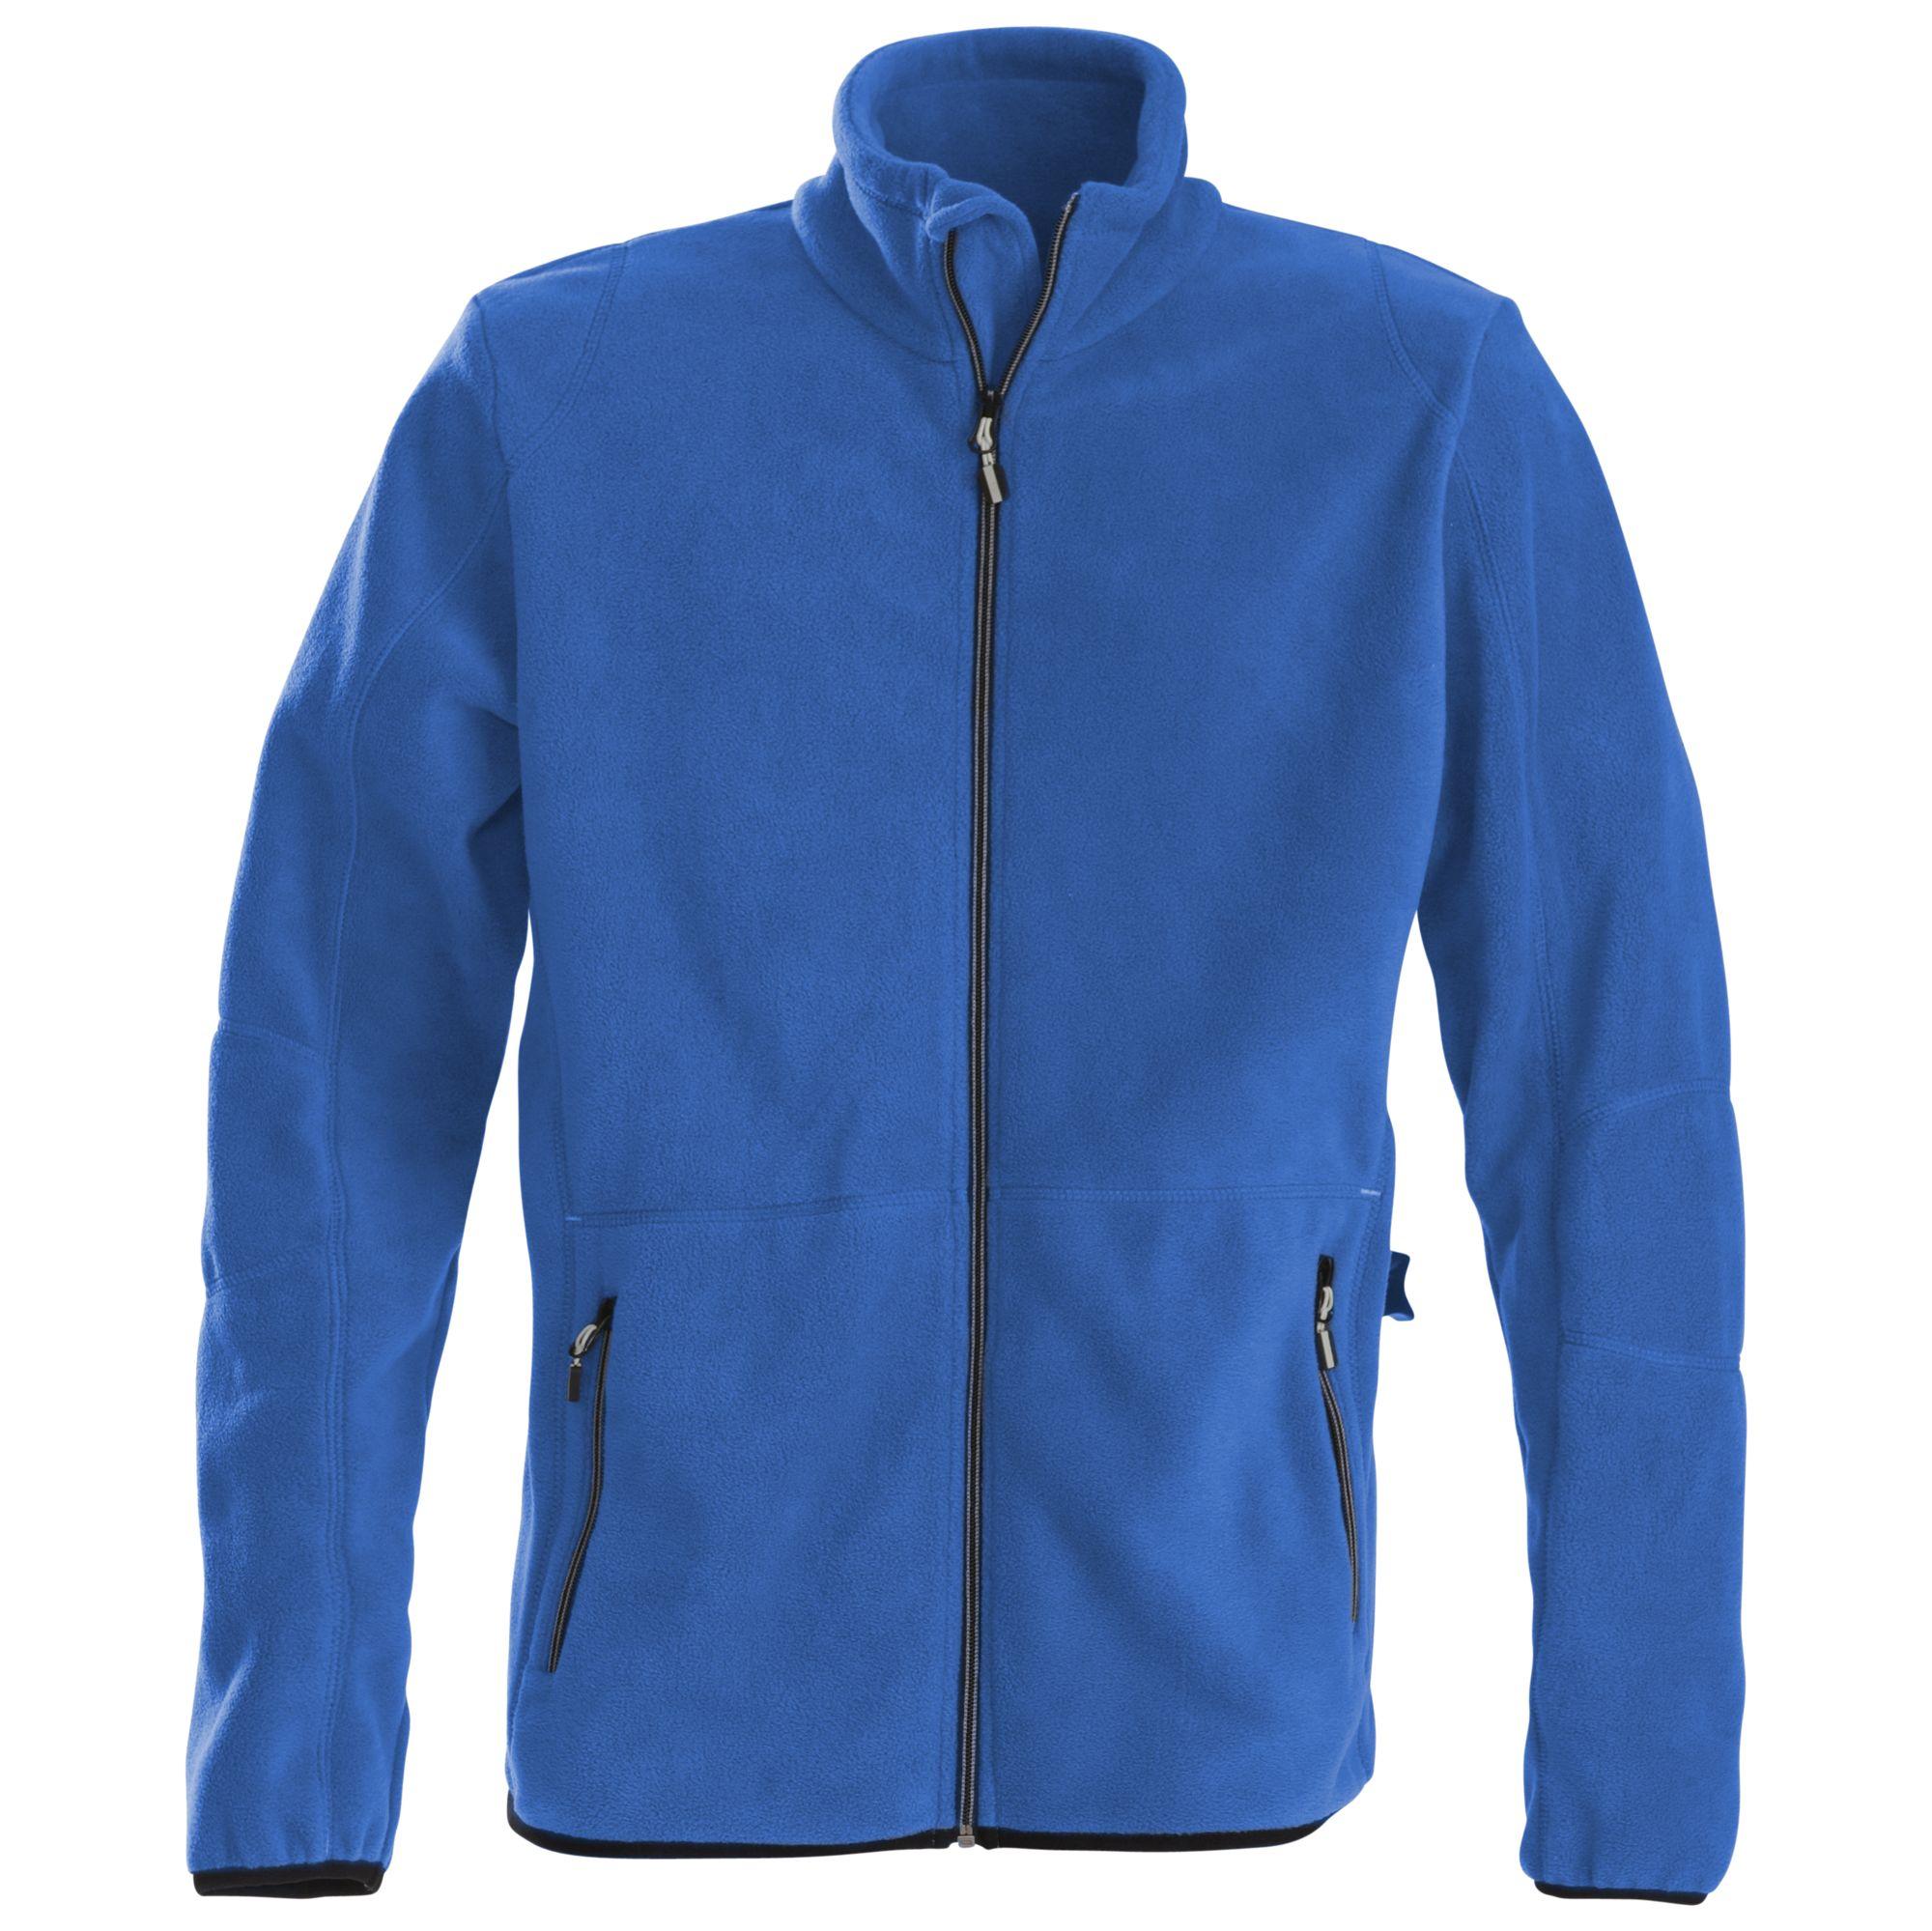 Куртка мужская SPEEDWAY, синяя